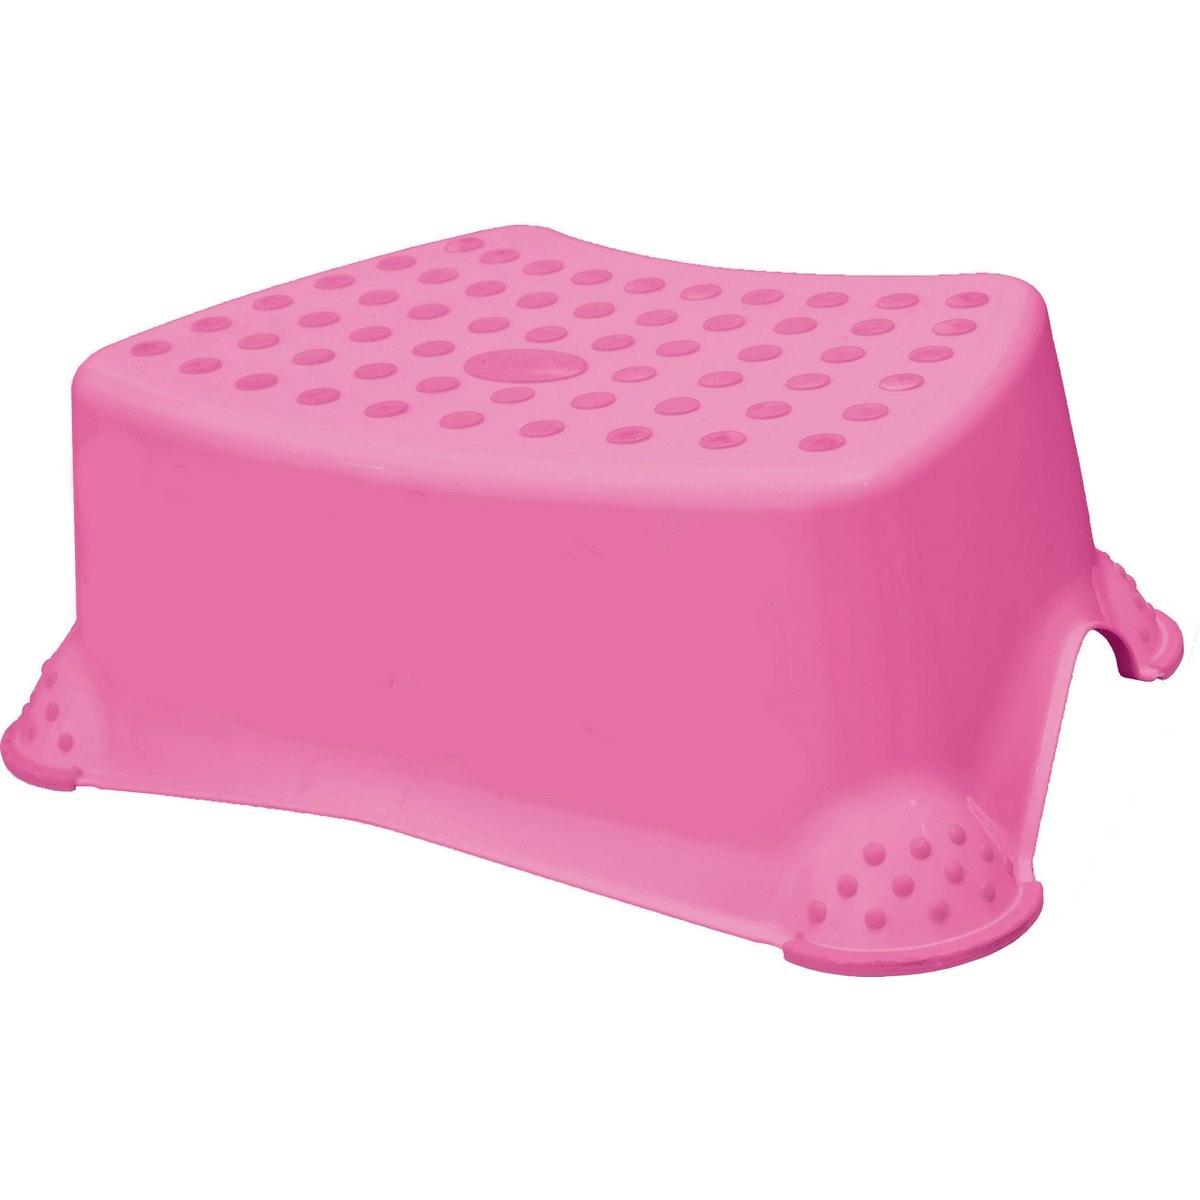 Stolička KEEEPER 40,5 x 28,5 x 14 cm růžový